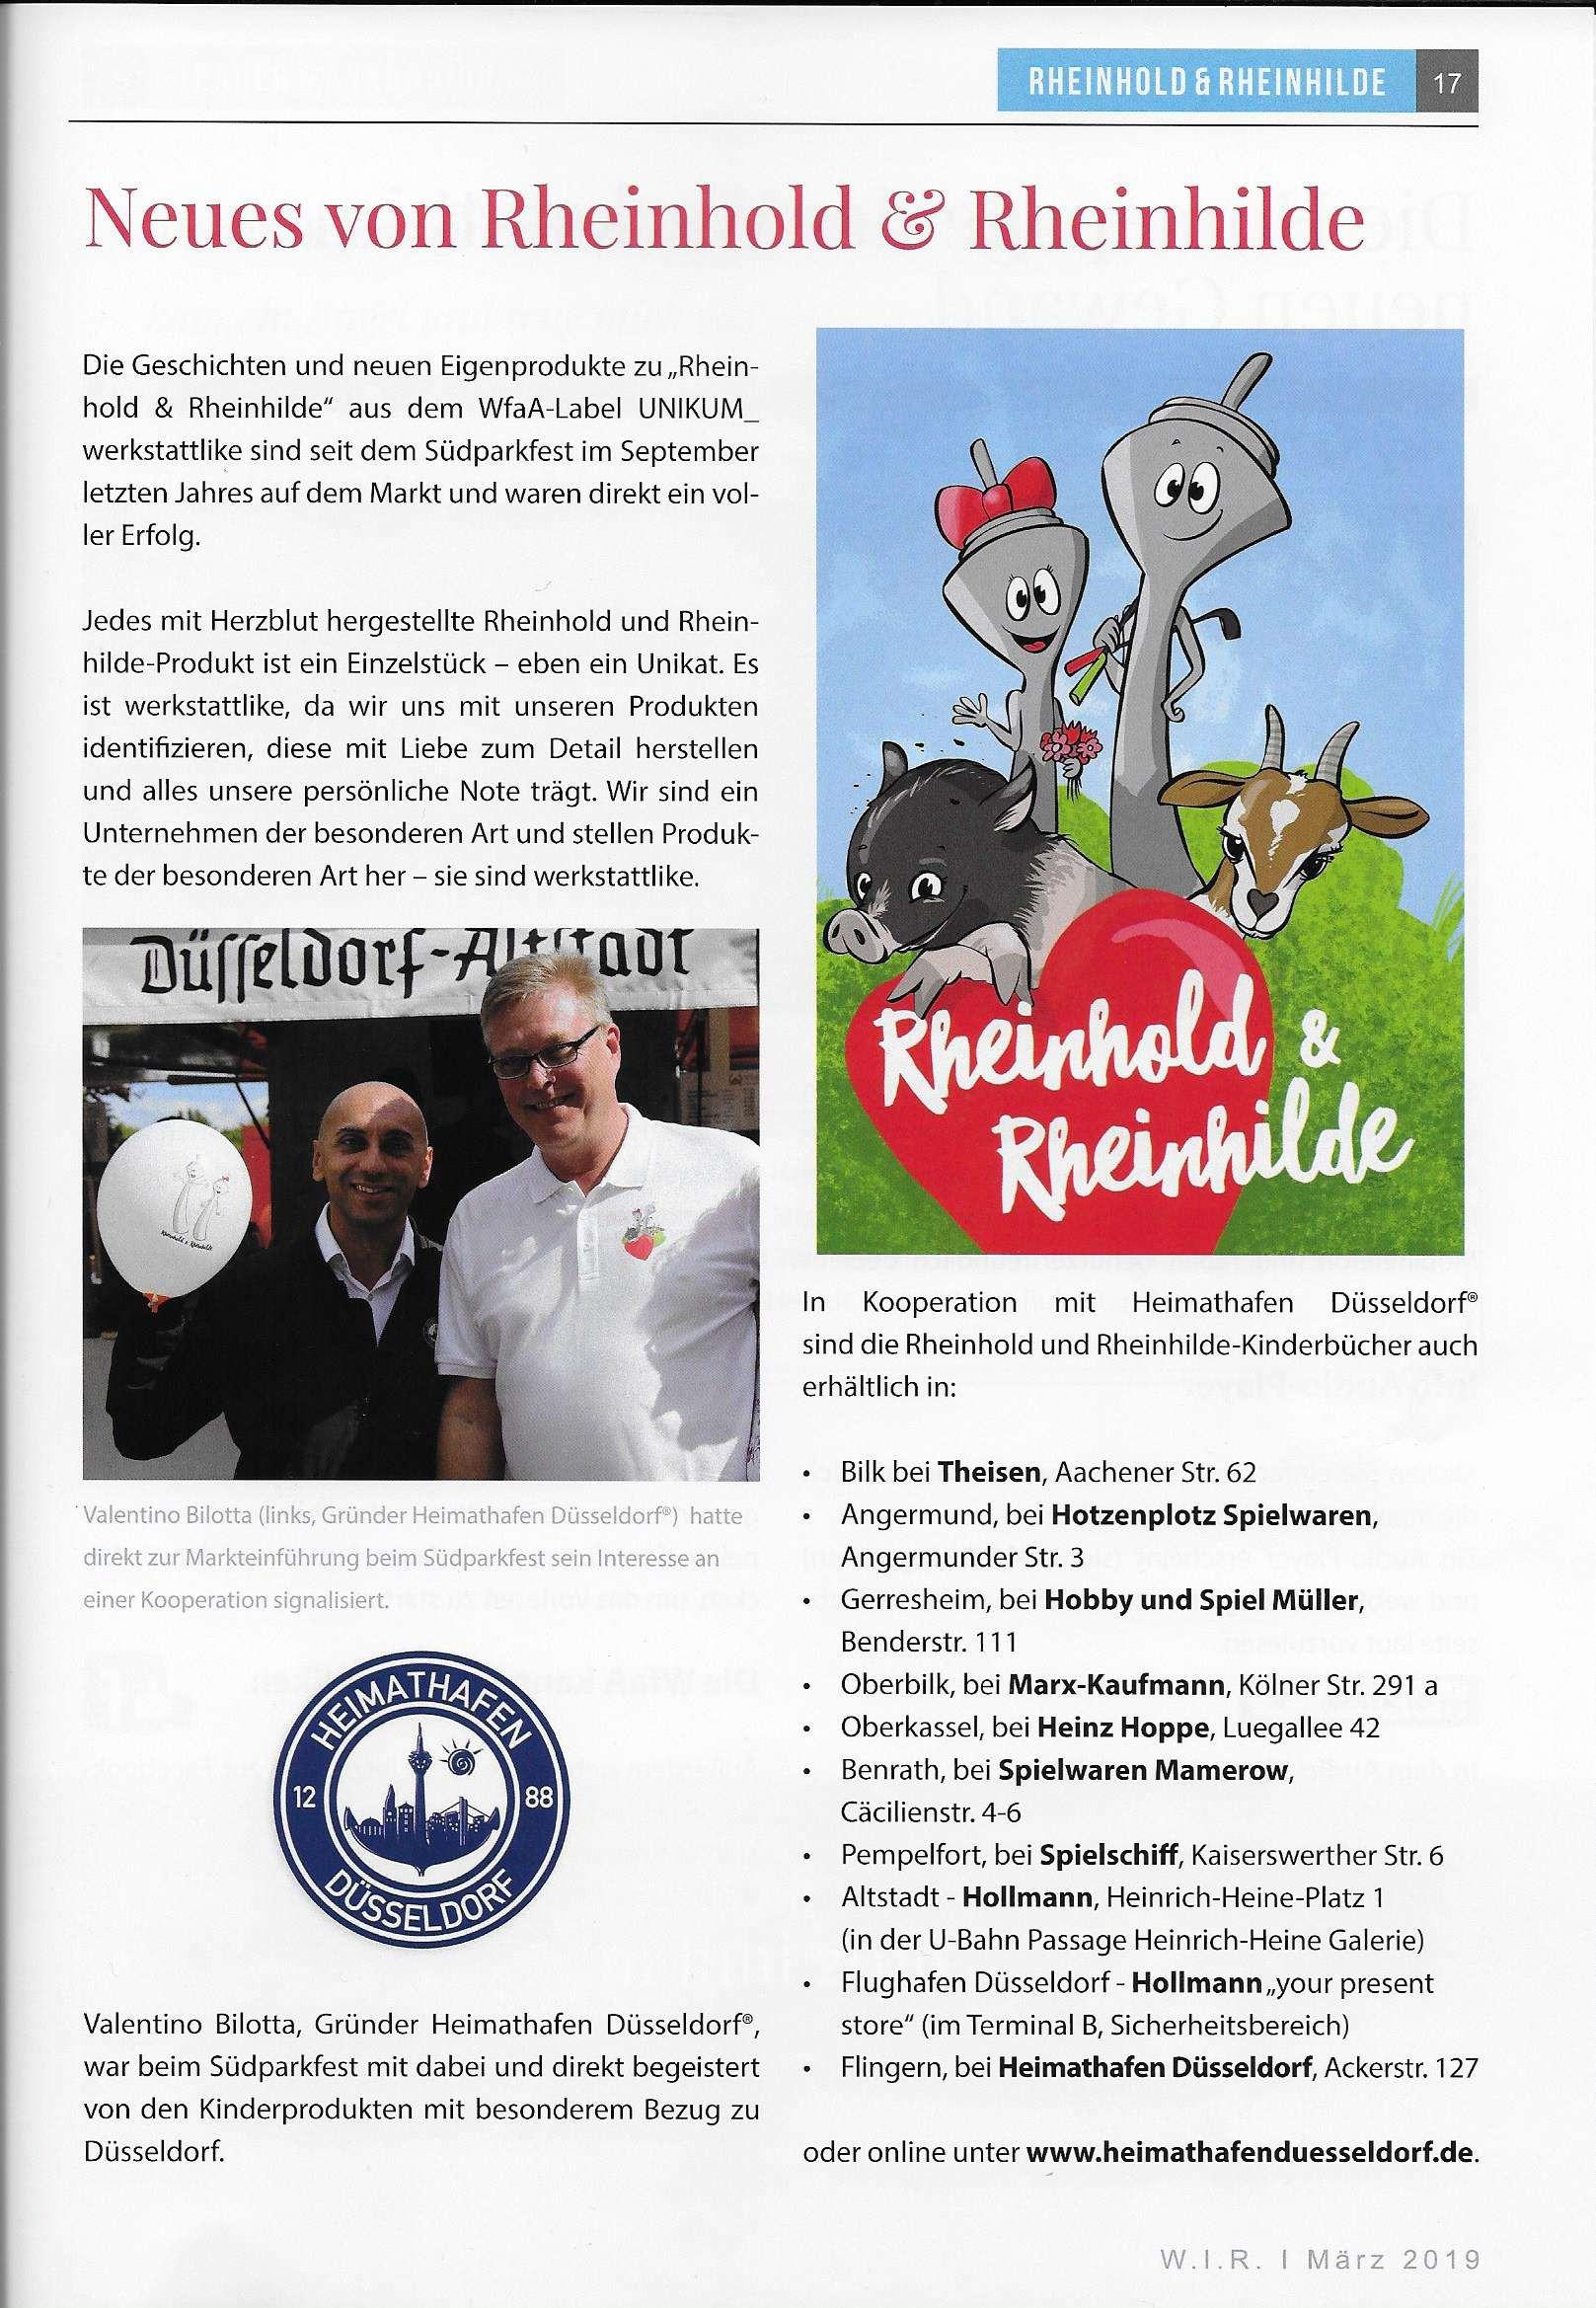 Rheinhold & Rheinhilde Koop.